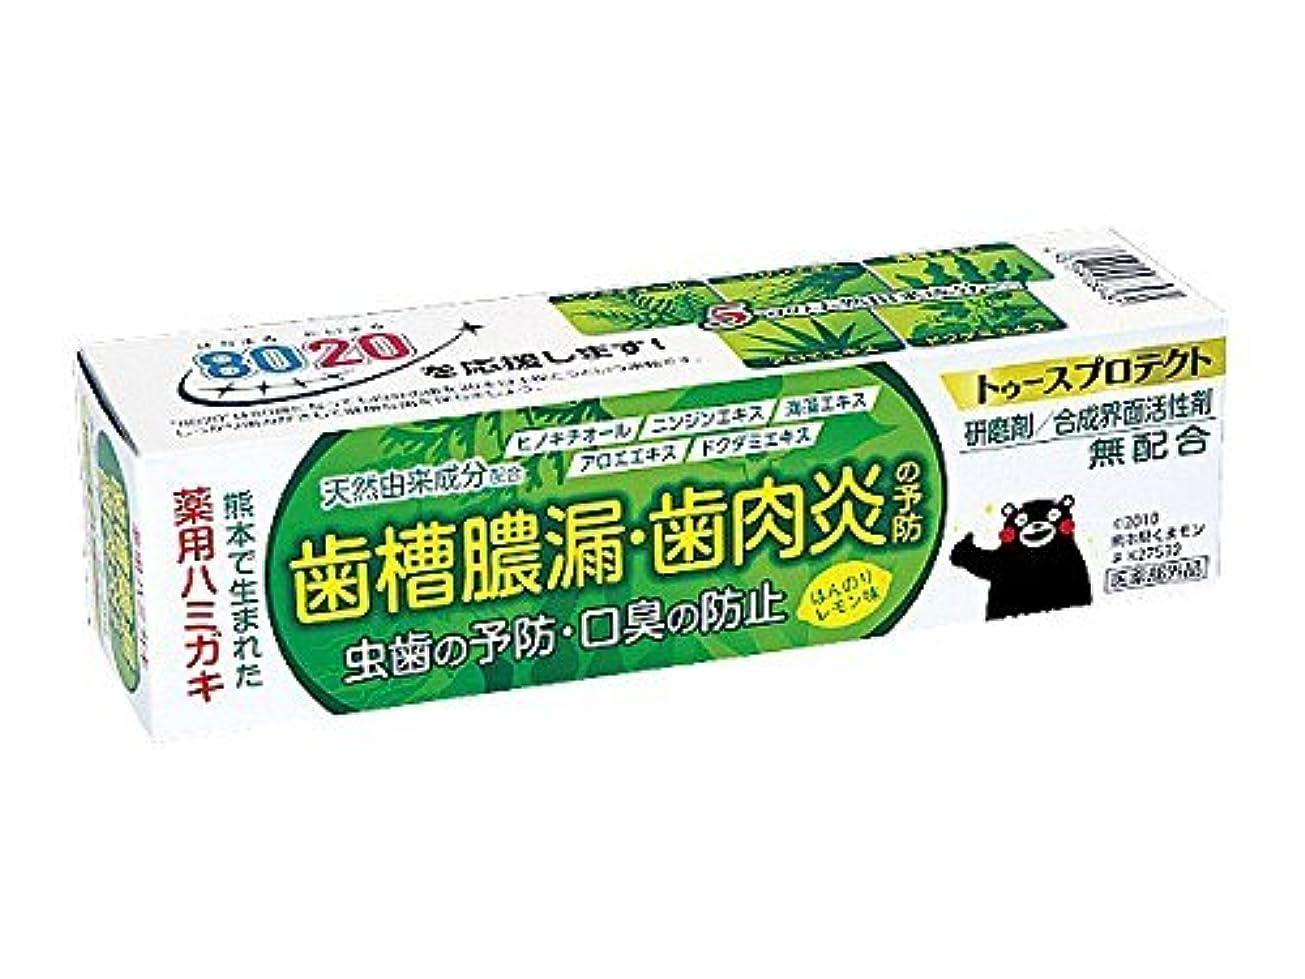 伝染性節約遠い【5個セット】 薬用ハミガキ トゥースプロテクト ほんのりレモン味 100g×5個セット